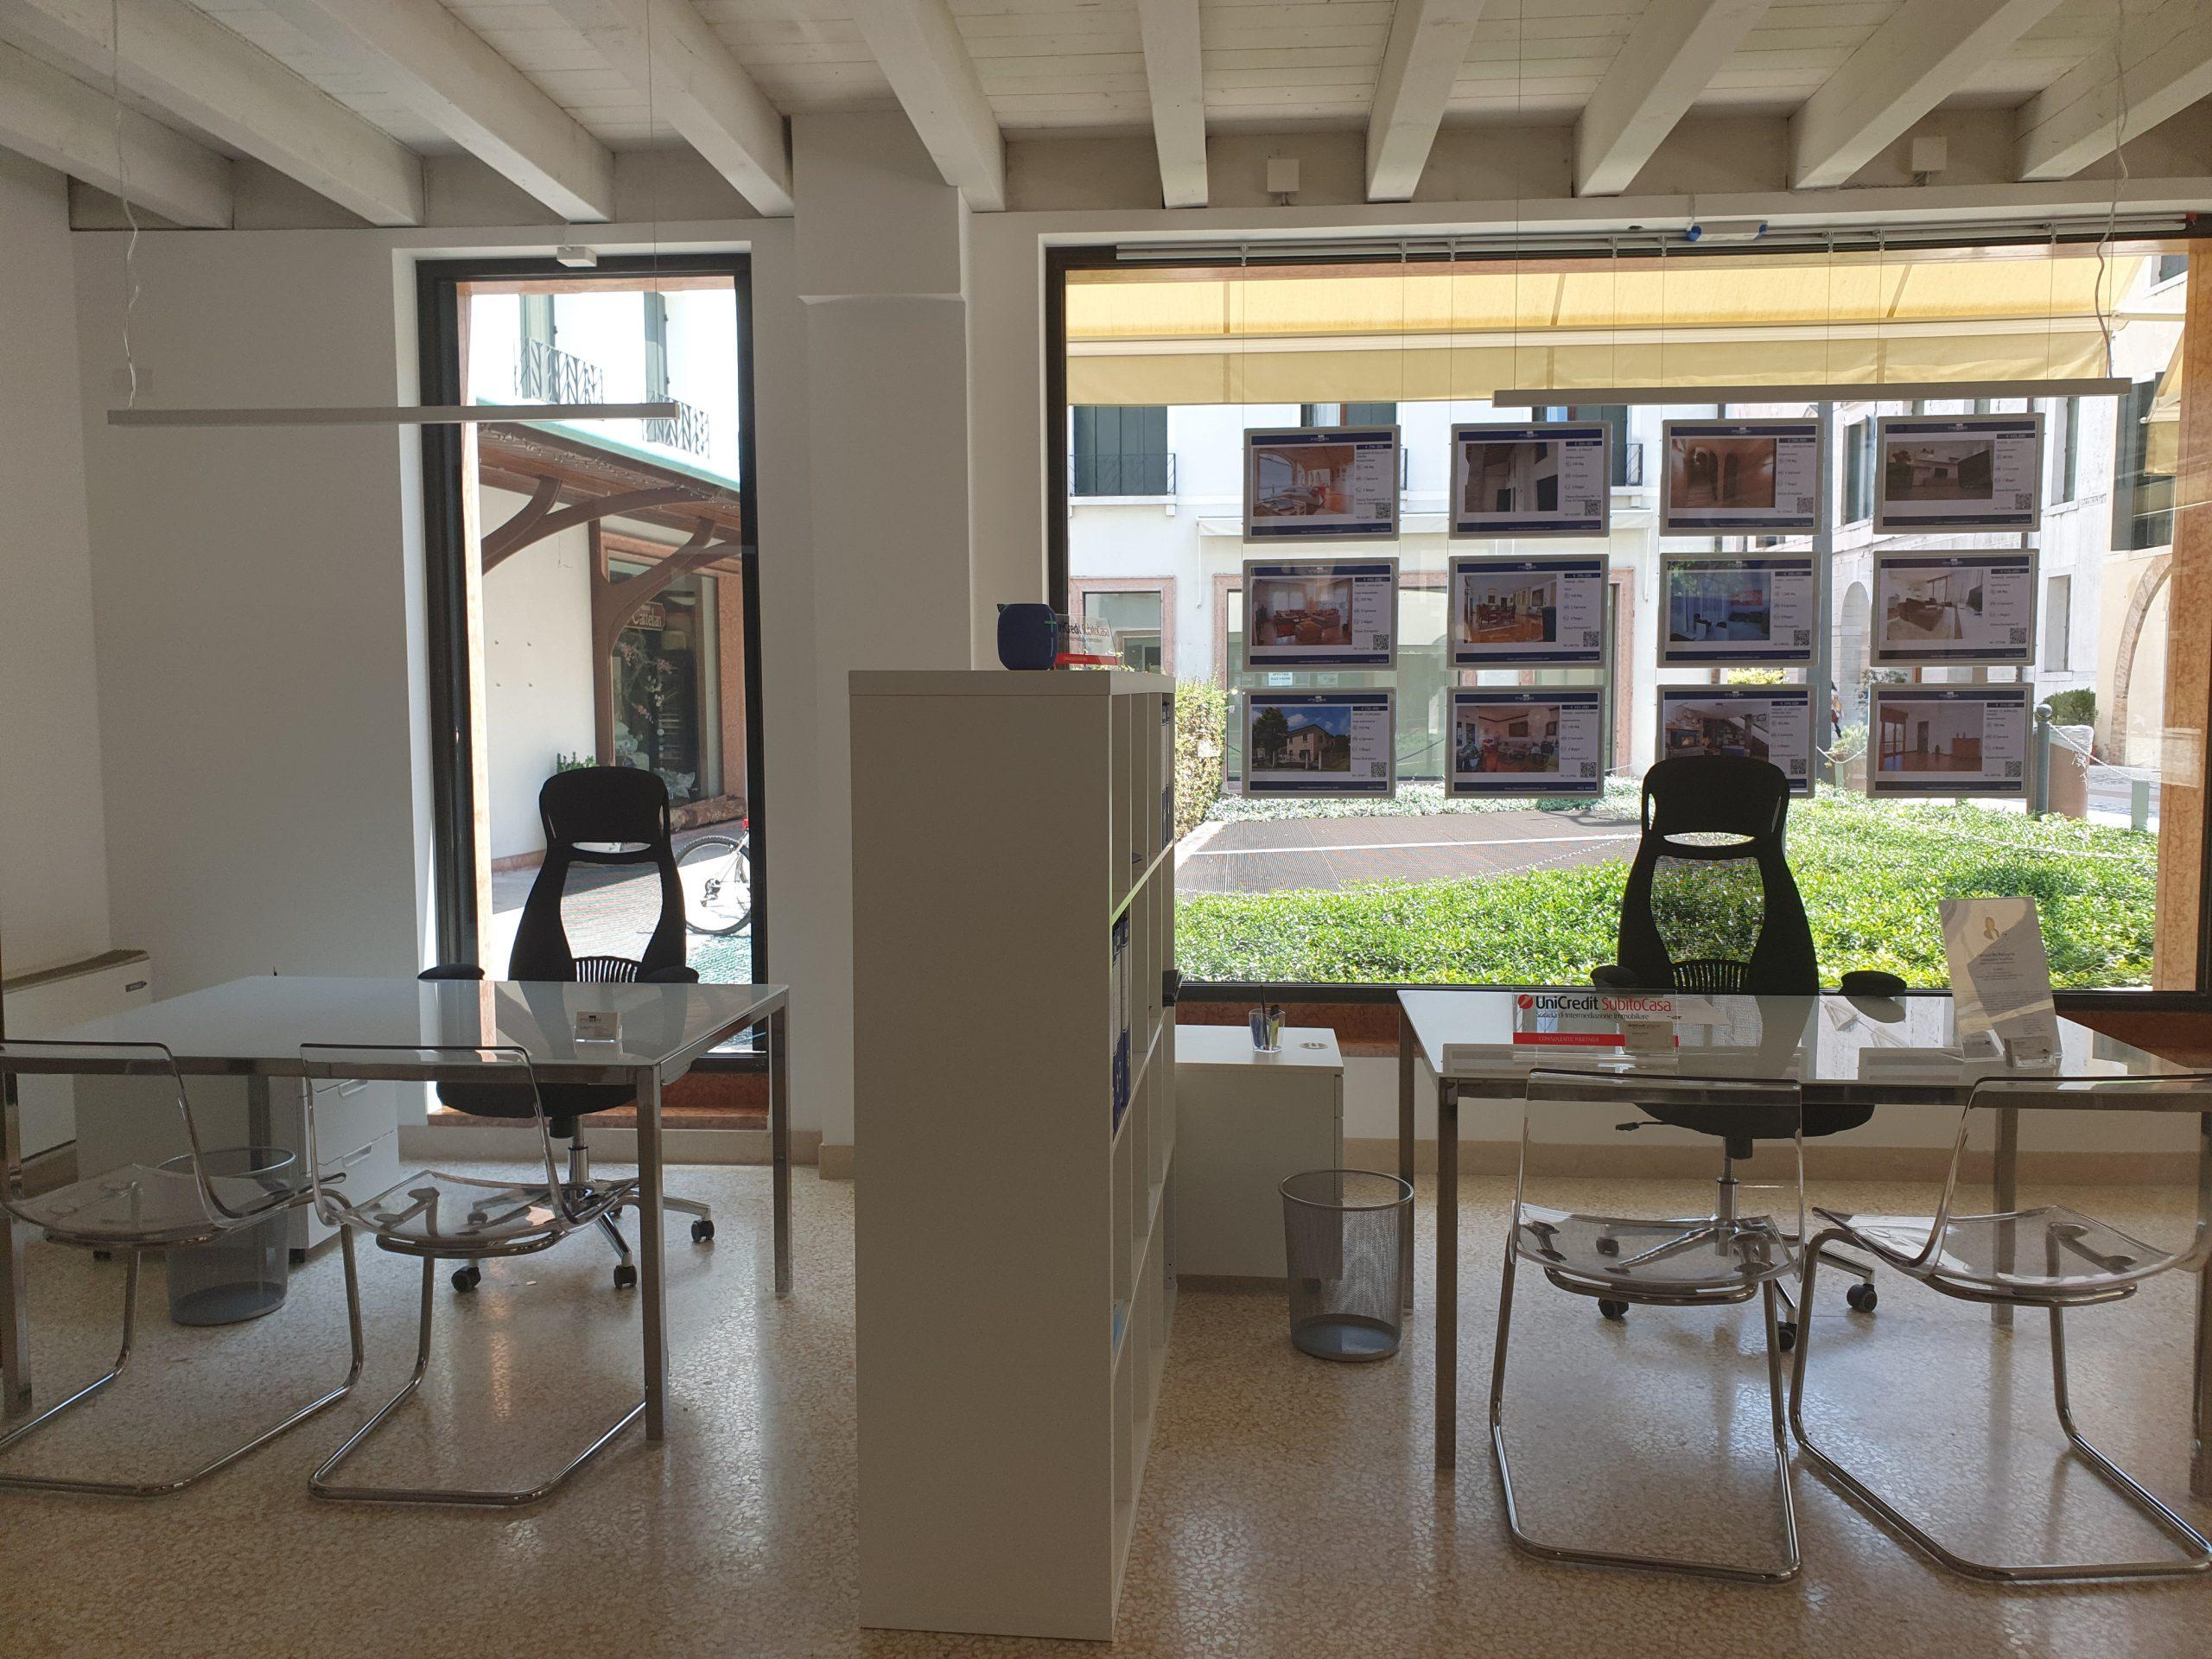 Agenzia immobiliare impREsa Treviso Quartiere Latino interno